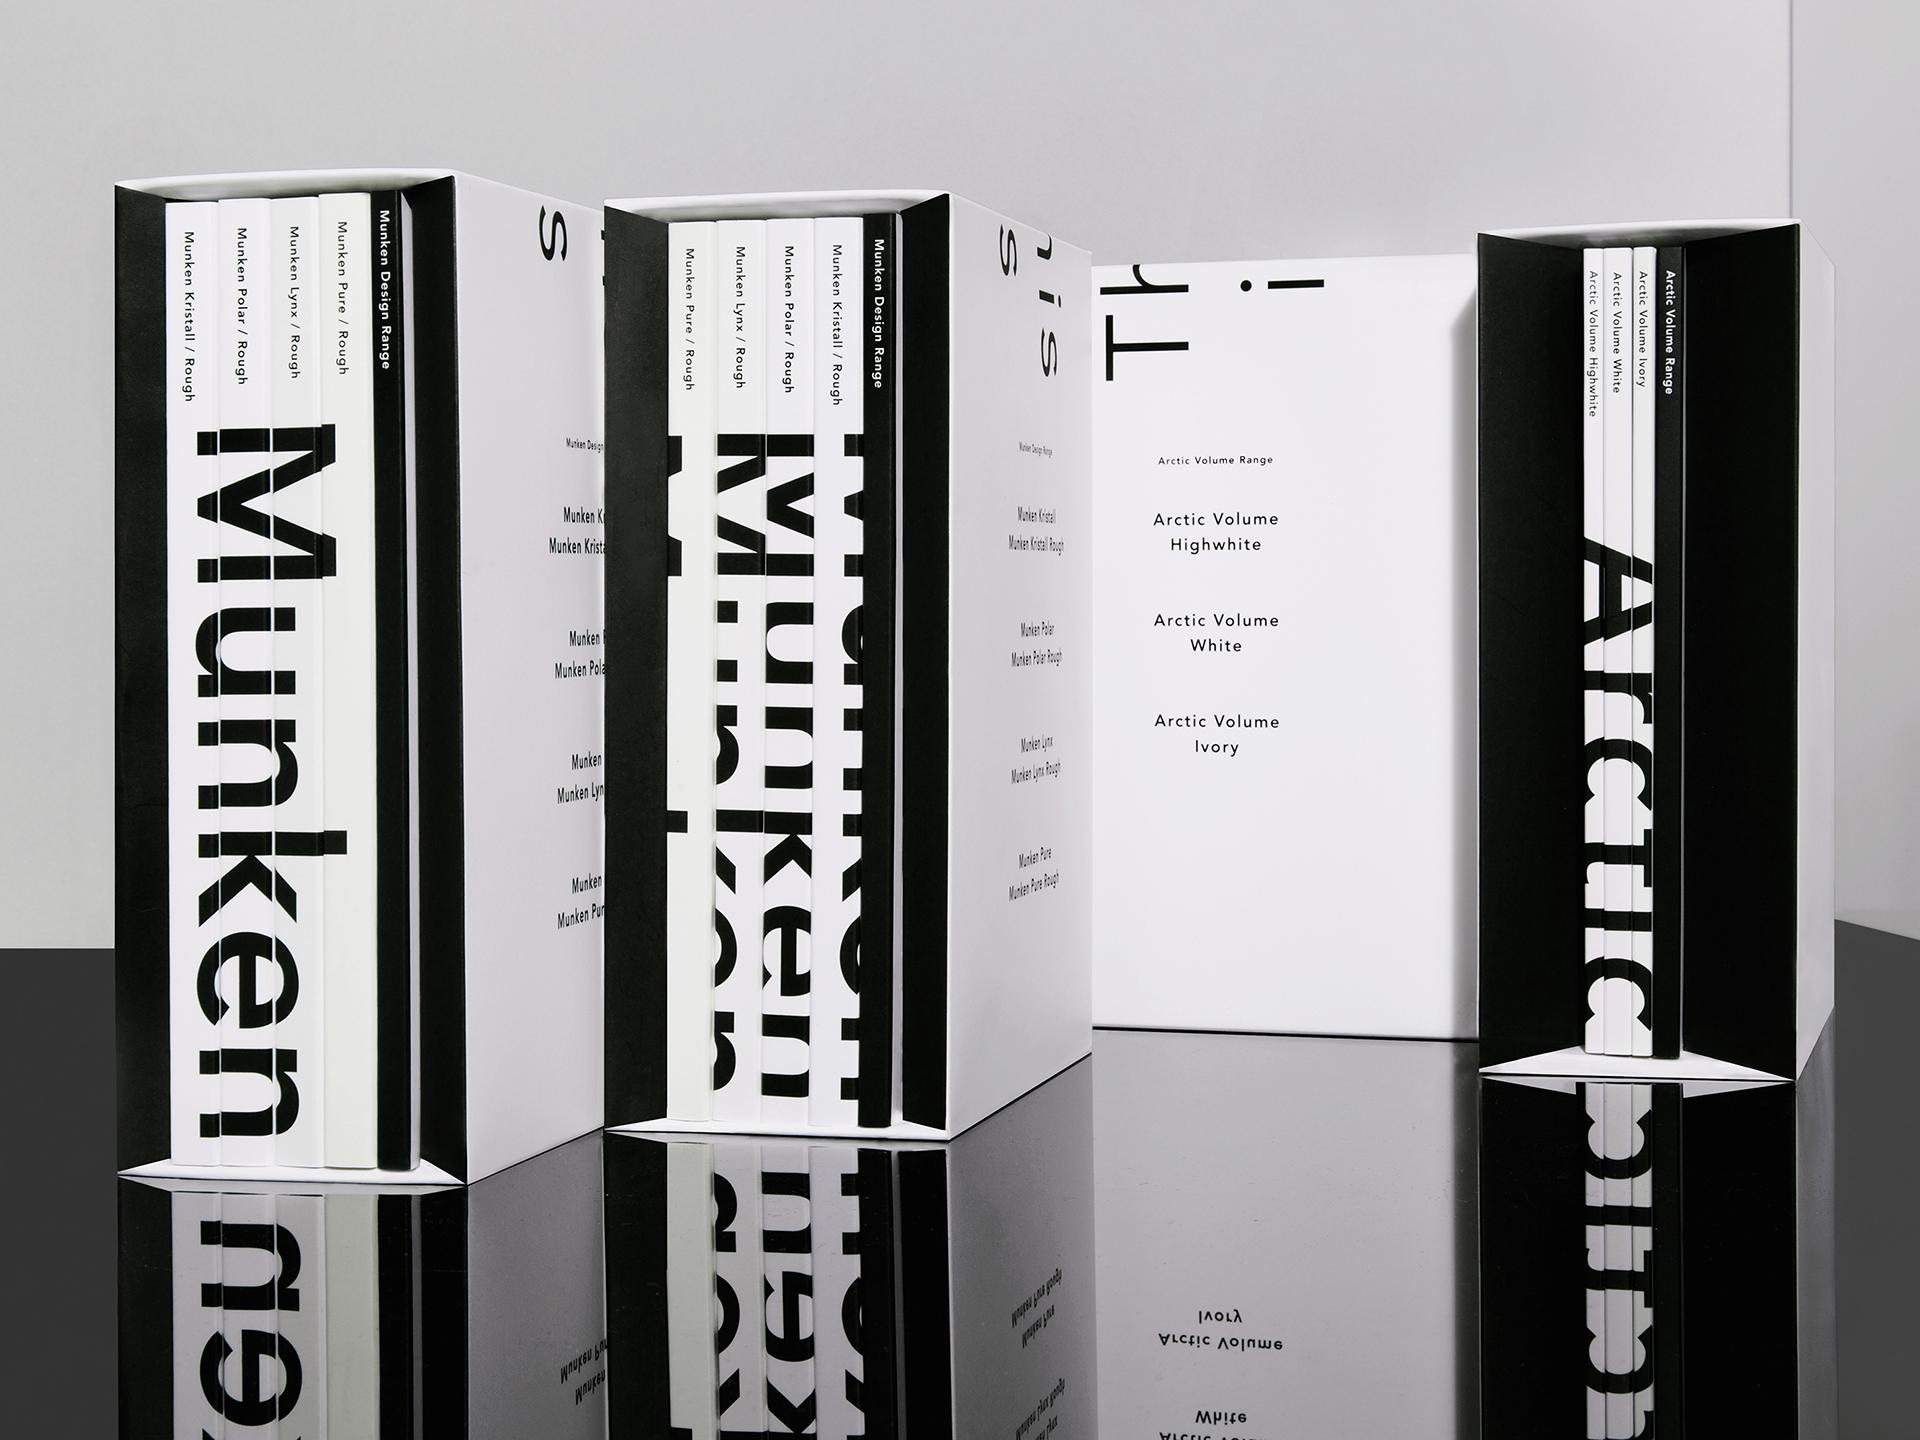 Образцы художественных шрифтов и рамок